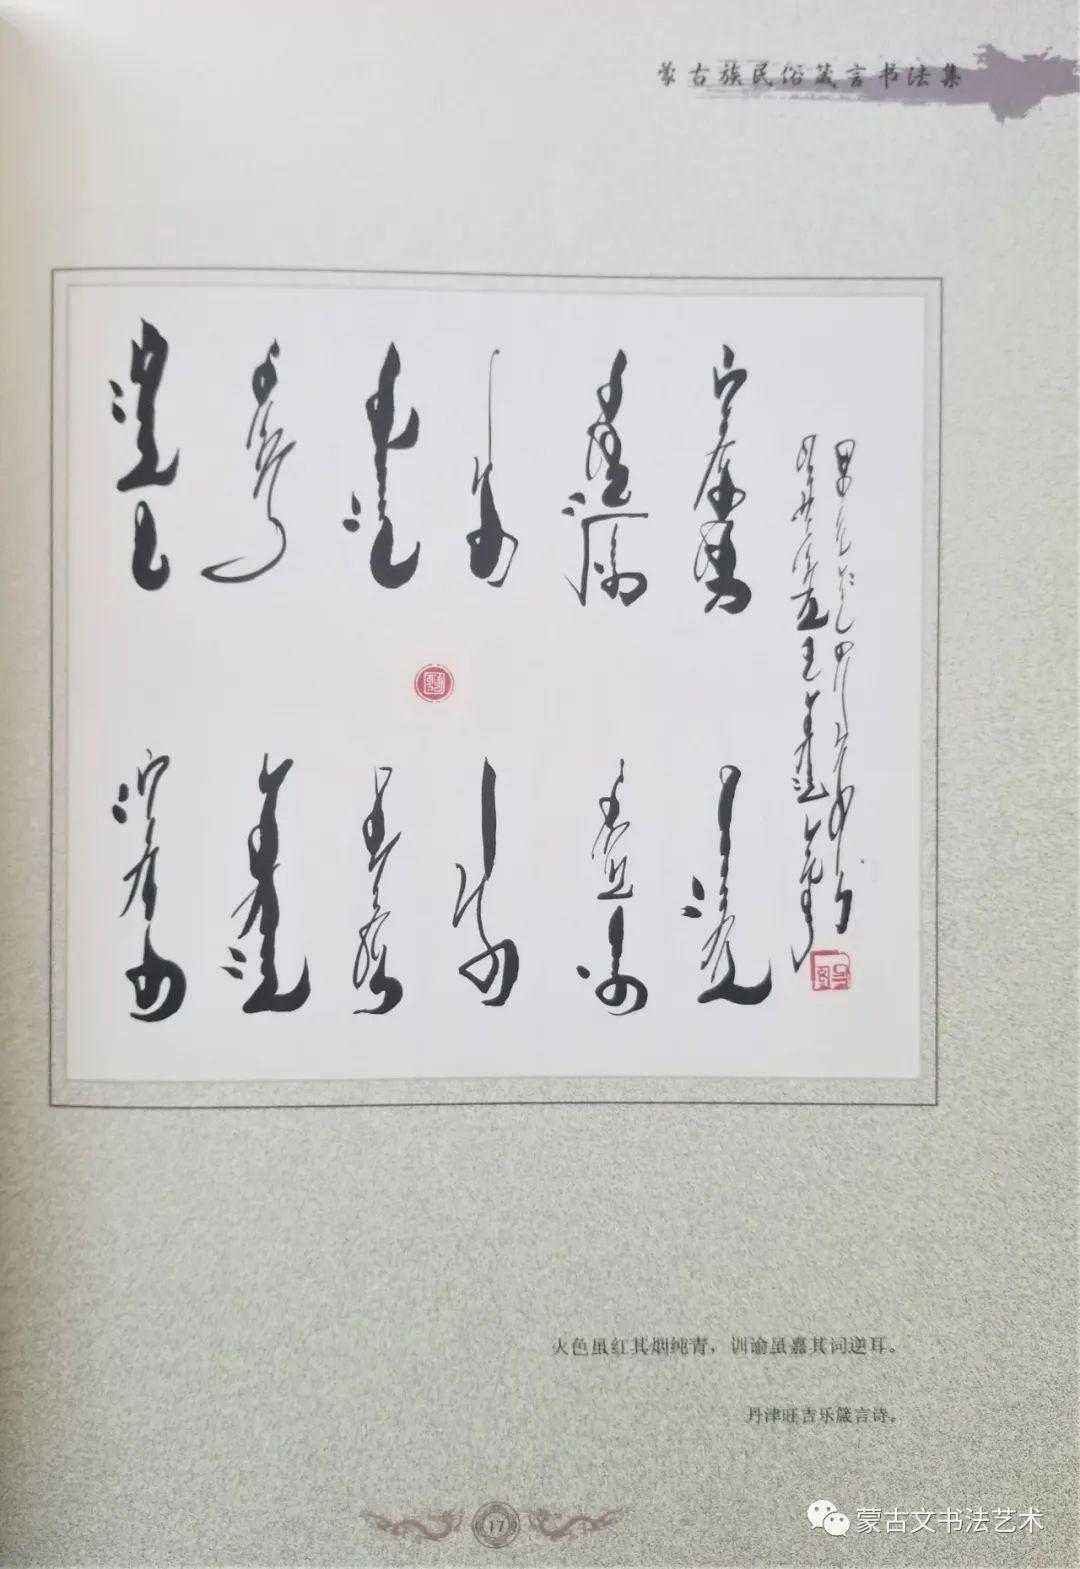 宝金山-蒙古族民俗箴言书法集 第9张